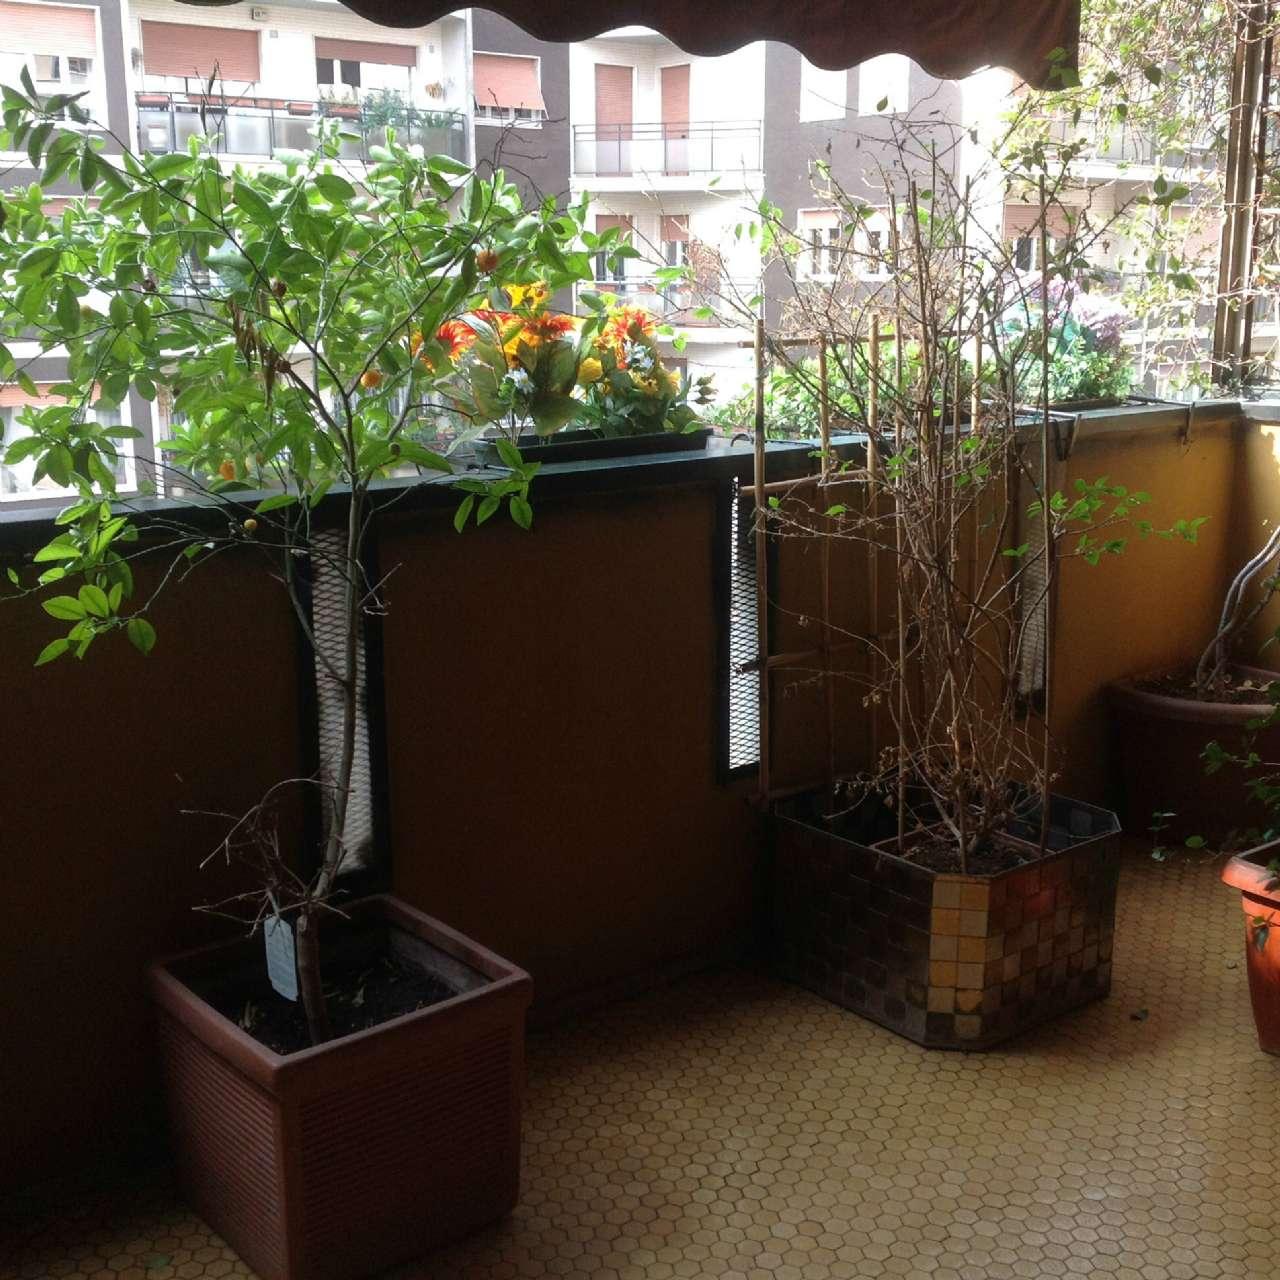 Appartamento in vendita a Milano, 5 locali, zona Zona: 4 . Buenos Aires, Indipendenza, P.ta Venezia, Regina Giovanna, Dateo, prezzo € 790.000 | CambioCasa.it